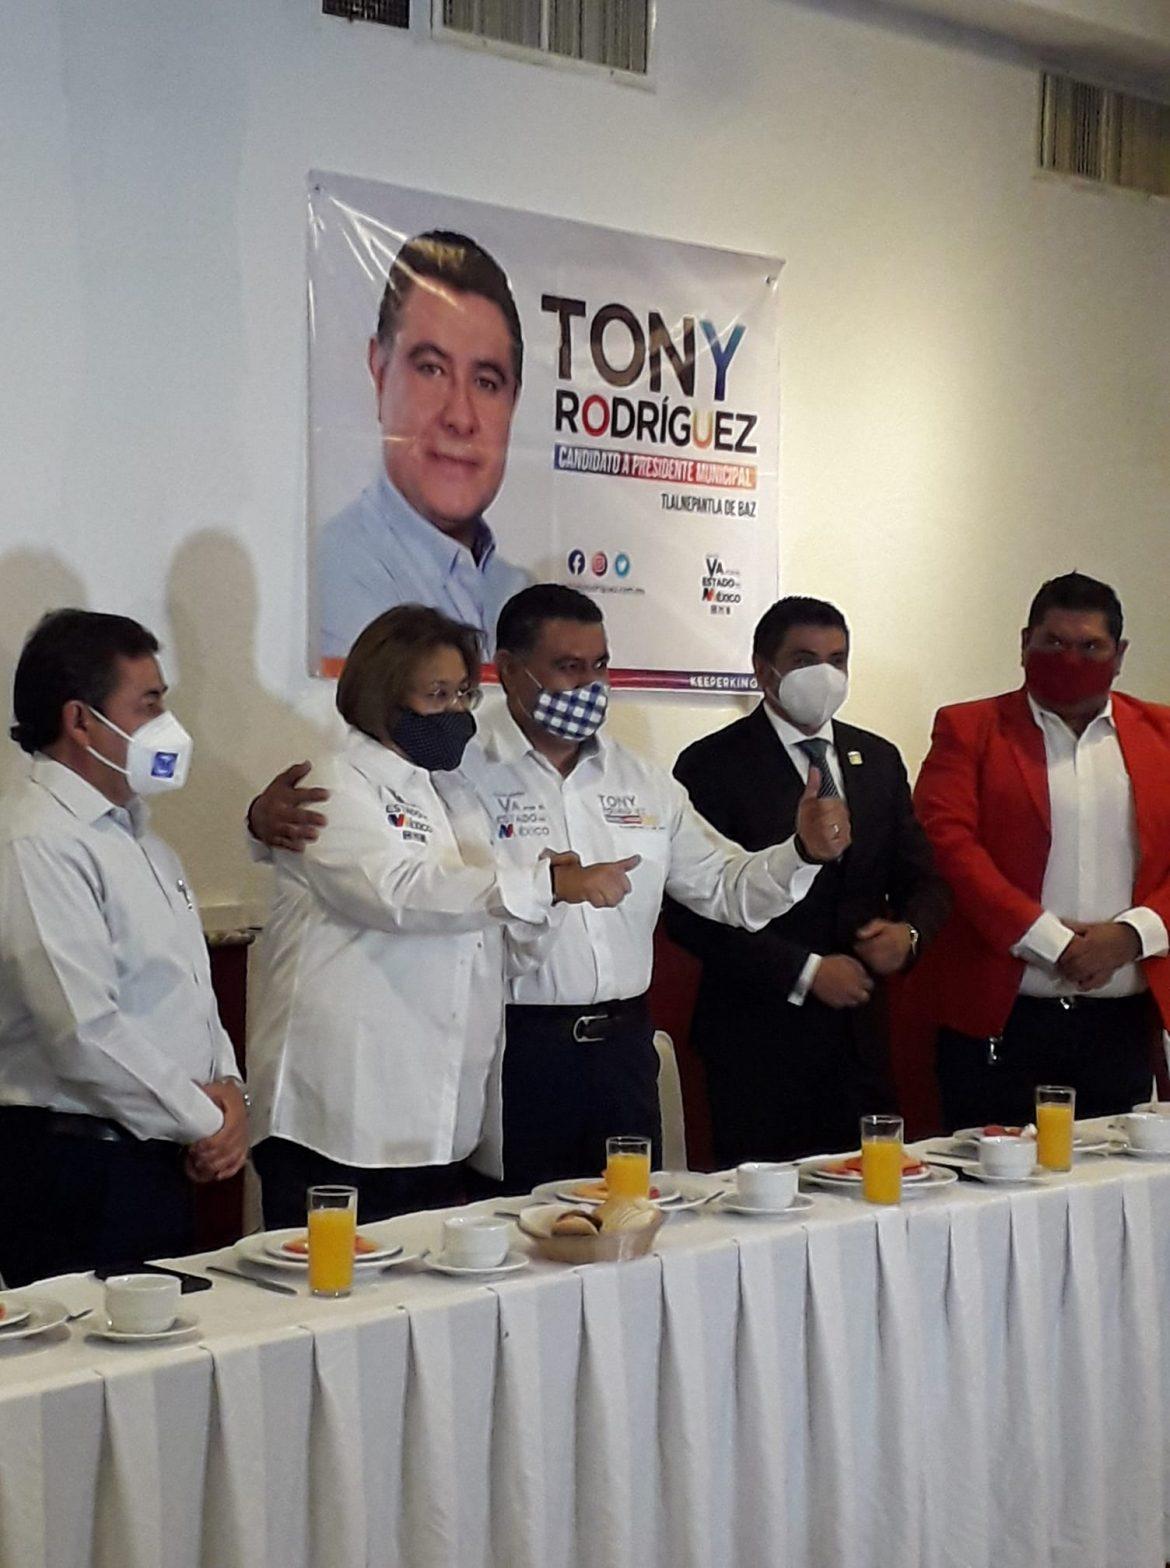 Nueva Alianza no va con morena y sí con Tony